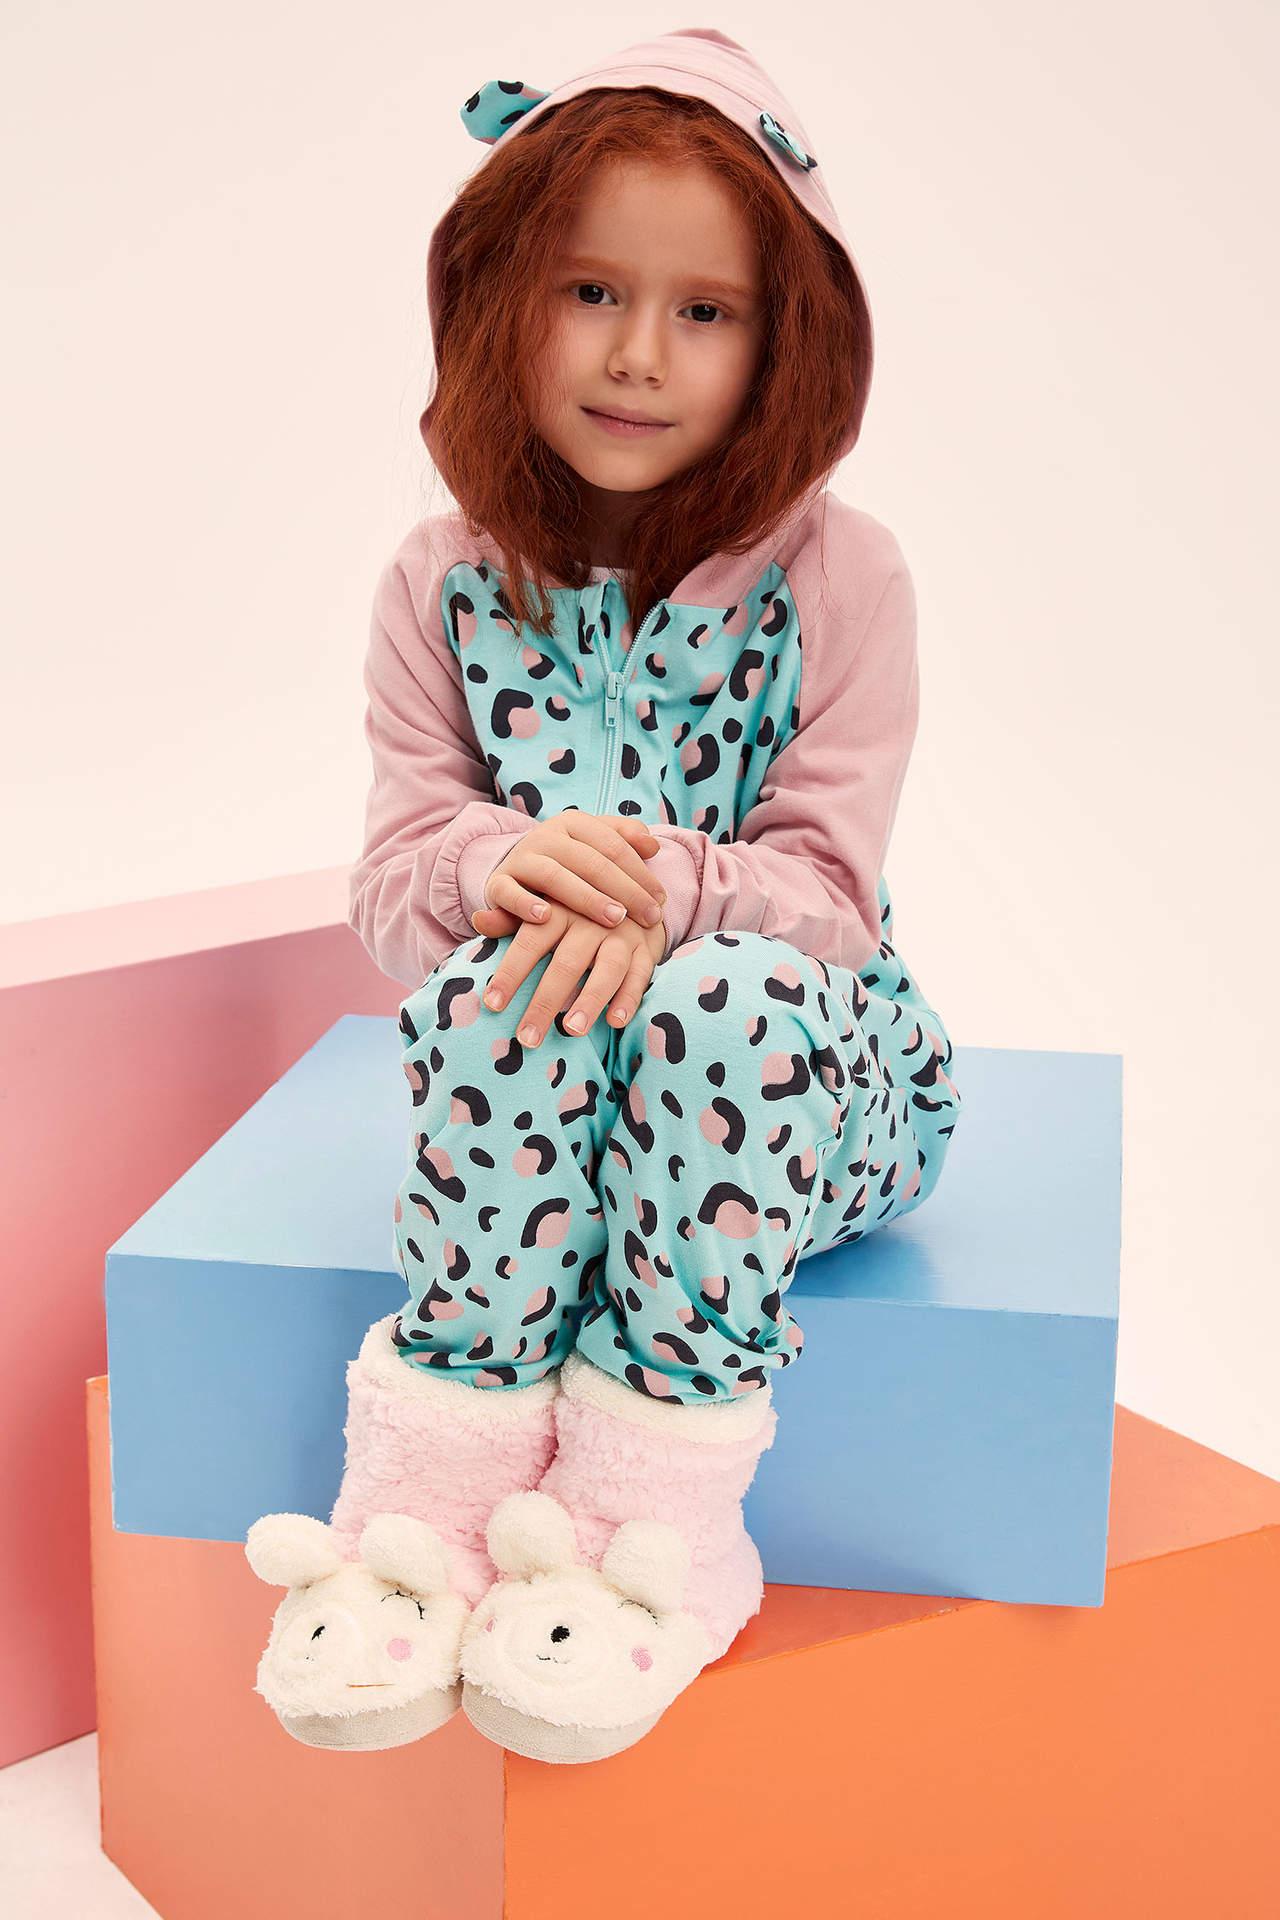 DeFacto Kız Çocuk Kulak Detaylı Kapüşonlu Renk Bloklu Unicorn Desenli Tulum Turkuaz female